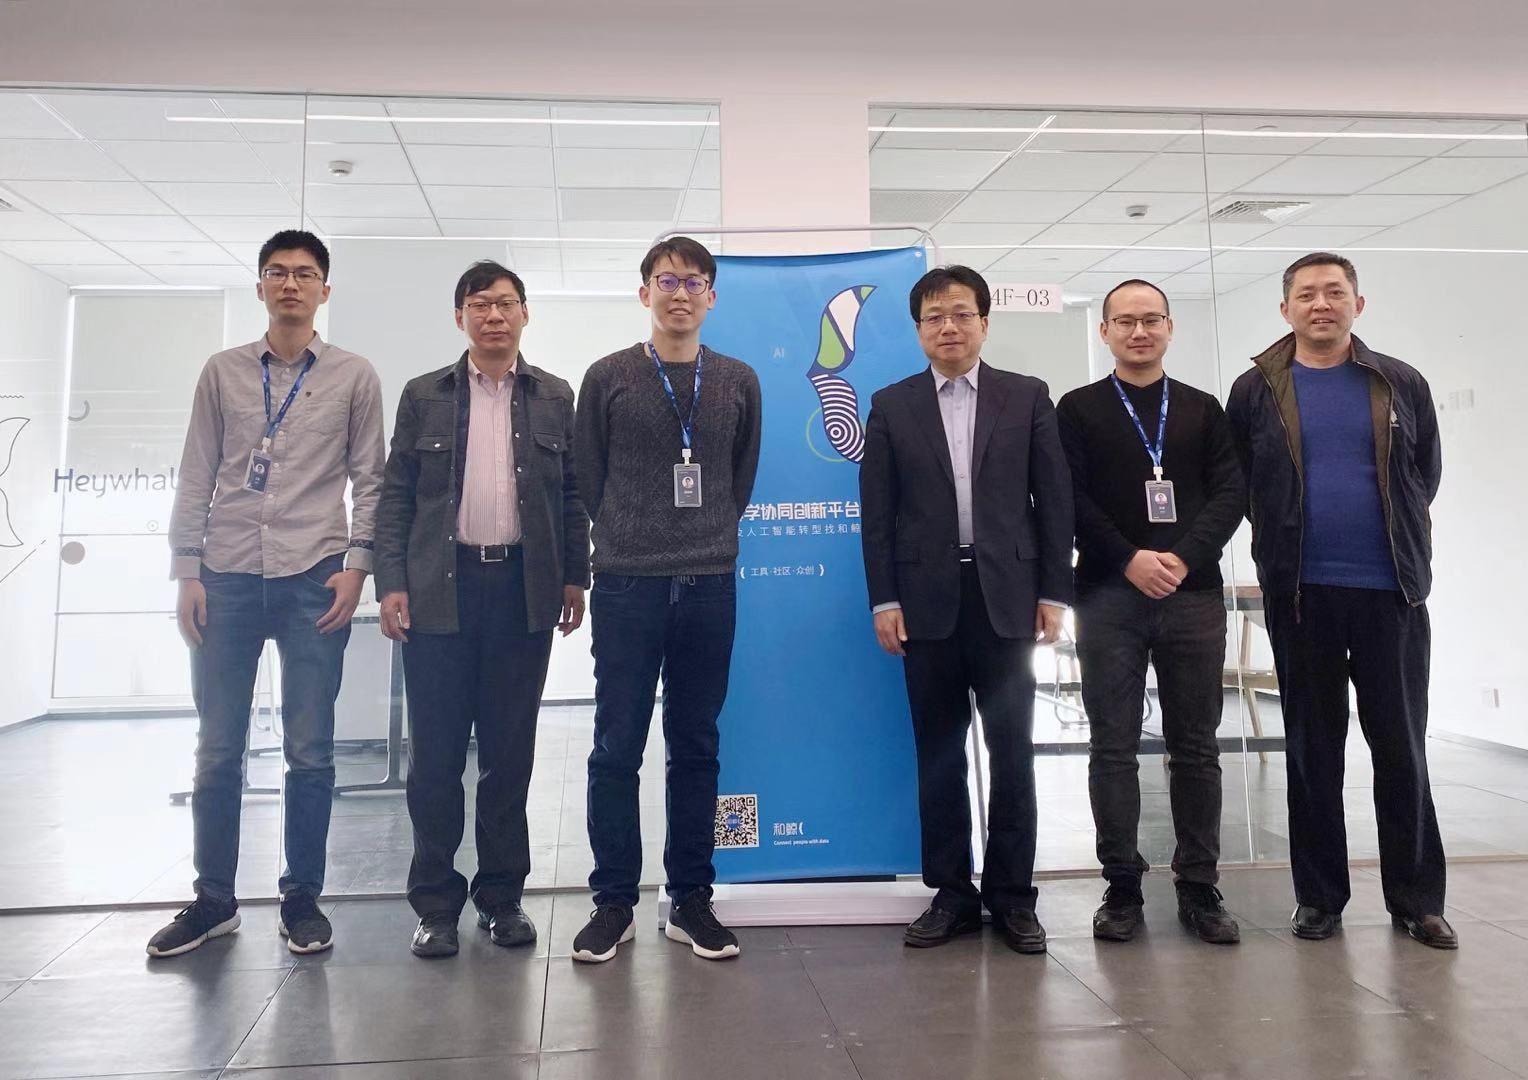 热烈欢迎上海市科委、上海市科技创业中心领导视察和鲸科技